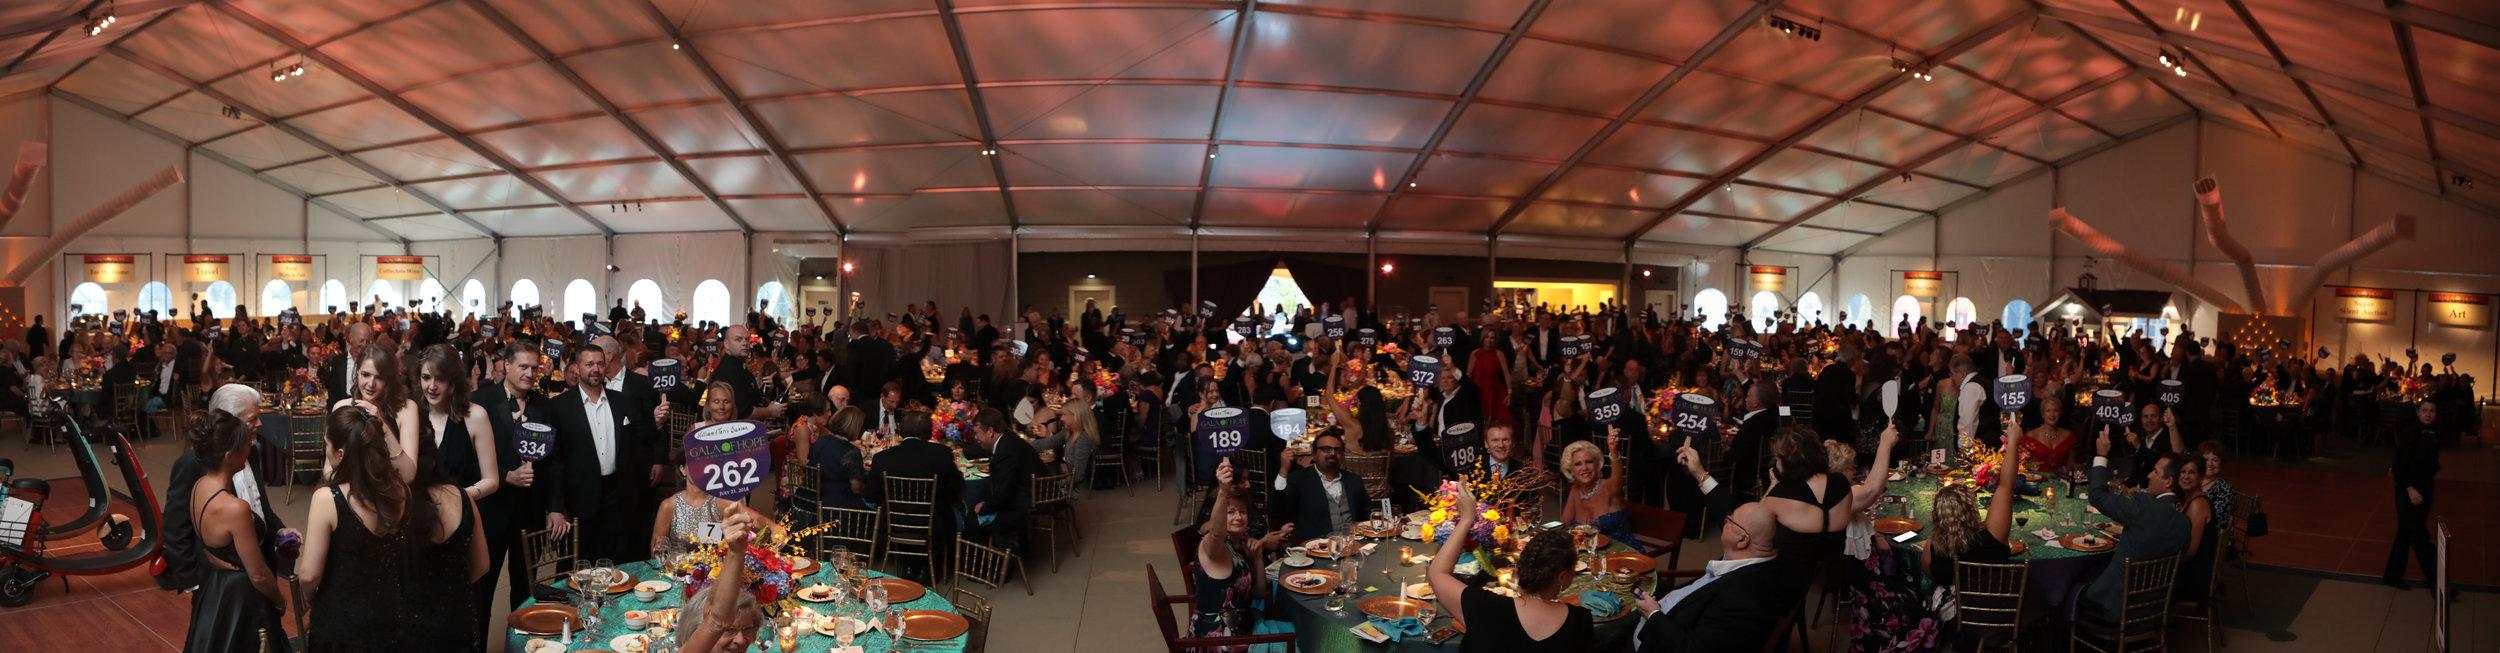 Gala of Hope_ml--5.jpg